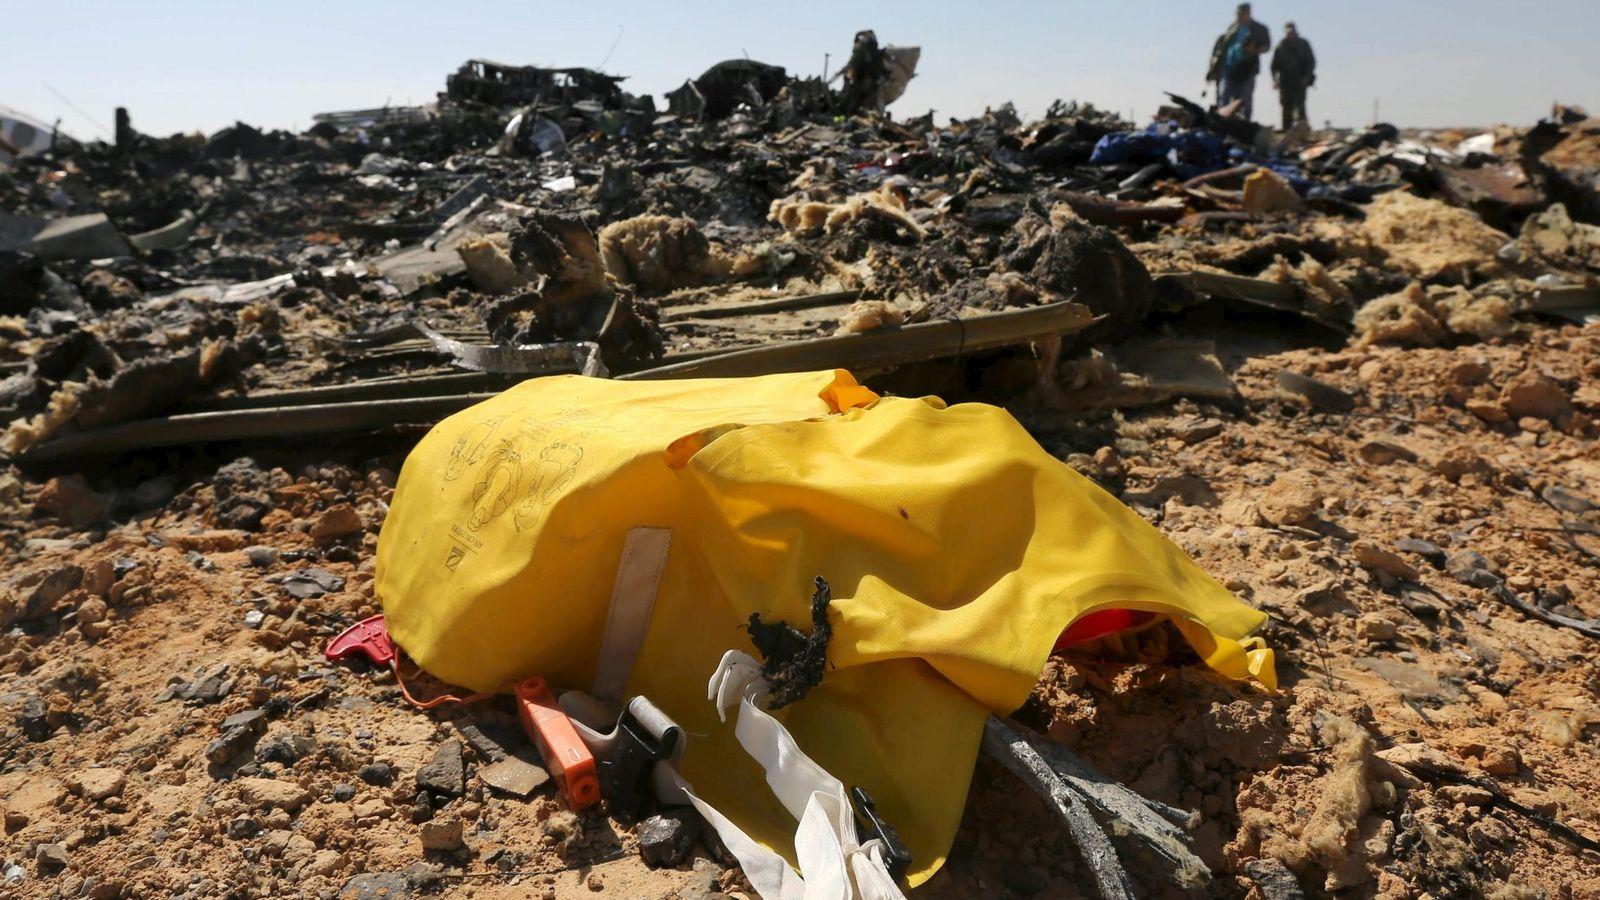 Foto: Investigadores entre los restos del avión ruso siniestrado sobre la península del Sinaí, el 1 de noviembre de 2015 (Reuters).